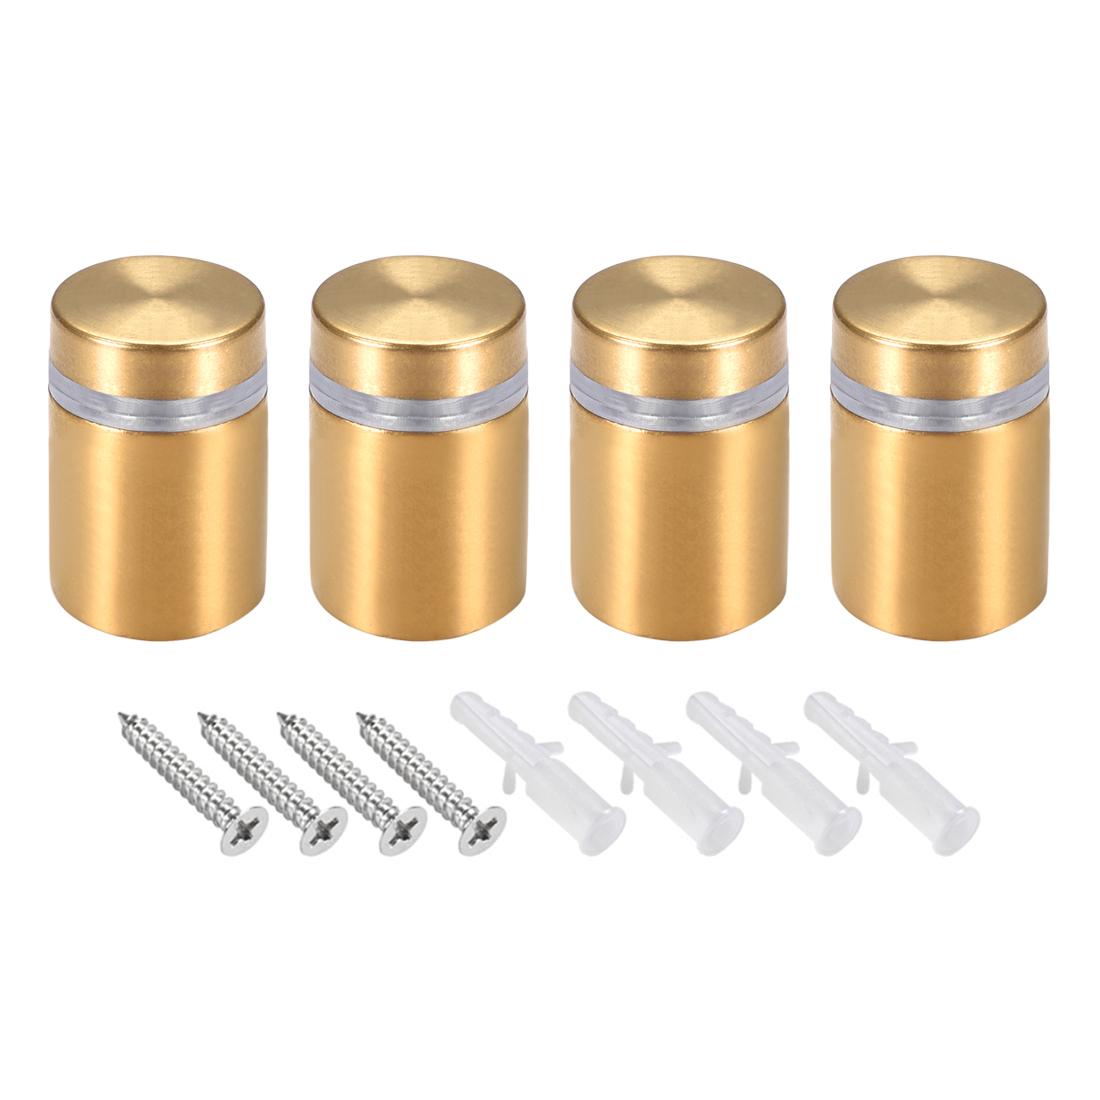 Glass Standoff Mount Wall Standoff Nails 16mm Dia 28mm Length Golden 4 Pcs